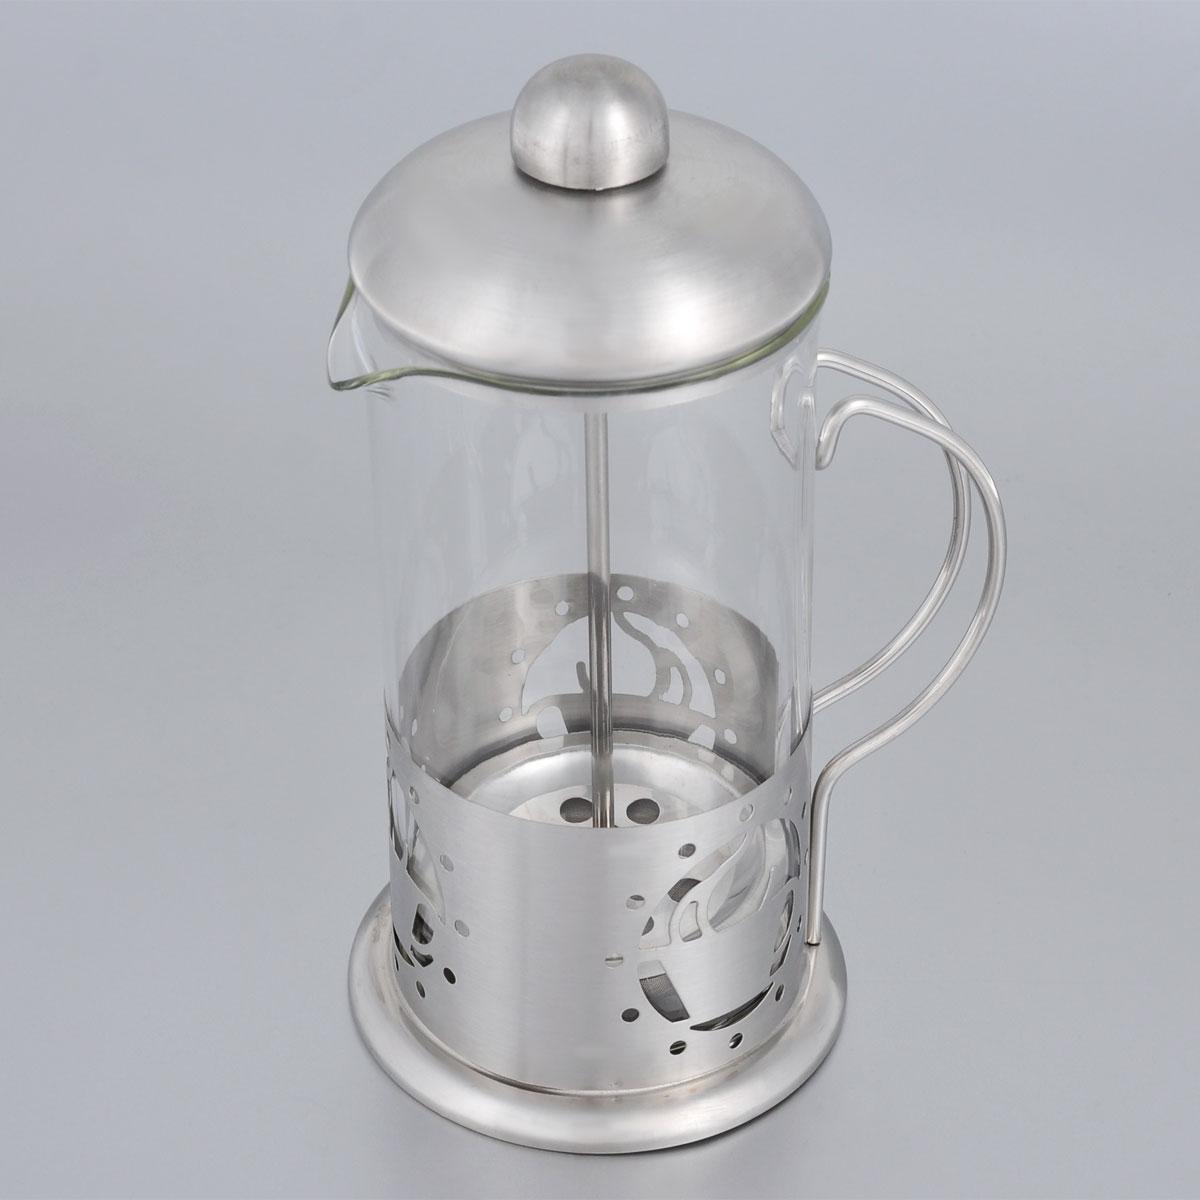 Френч-пресс Bohmann, 350 мл. 9535BH9535BHФренч-пресс Bohmann используется для заваривания крупнолистового чая, кофе среднего помола, травяных сборов. Изготовлен из высококачественной нержавеющей стали и термостойкого стекла, выдерживающего высокую температуру, что придает ему надежность и долговечность. Френч-пресс Bohmann незаменим для любителей чая и кофе.Можно мыть в посудомоечной машине.Объем: 350 мл.Высота (с учетом крышки): 18 см.Диаметр (по верхнему краю): 7,5 см.